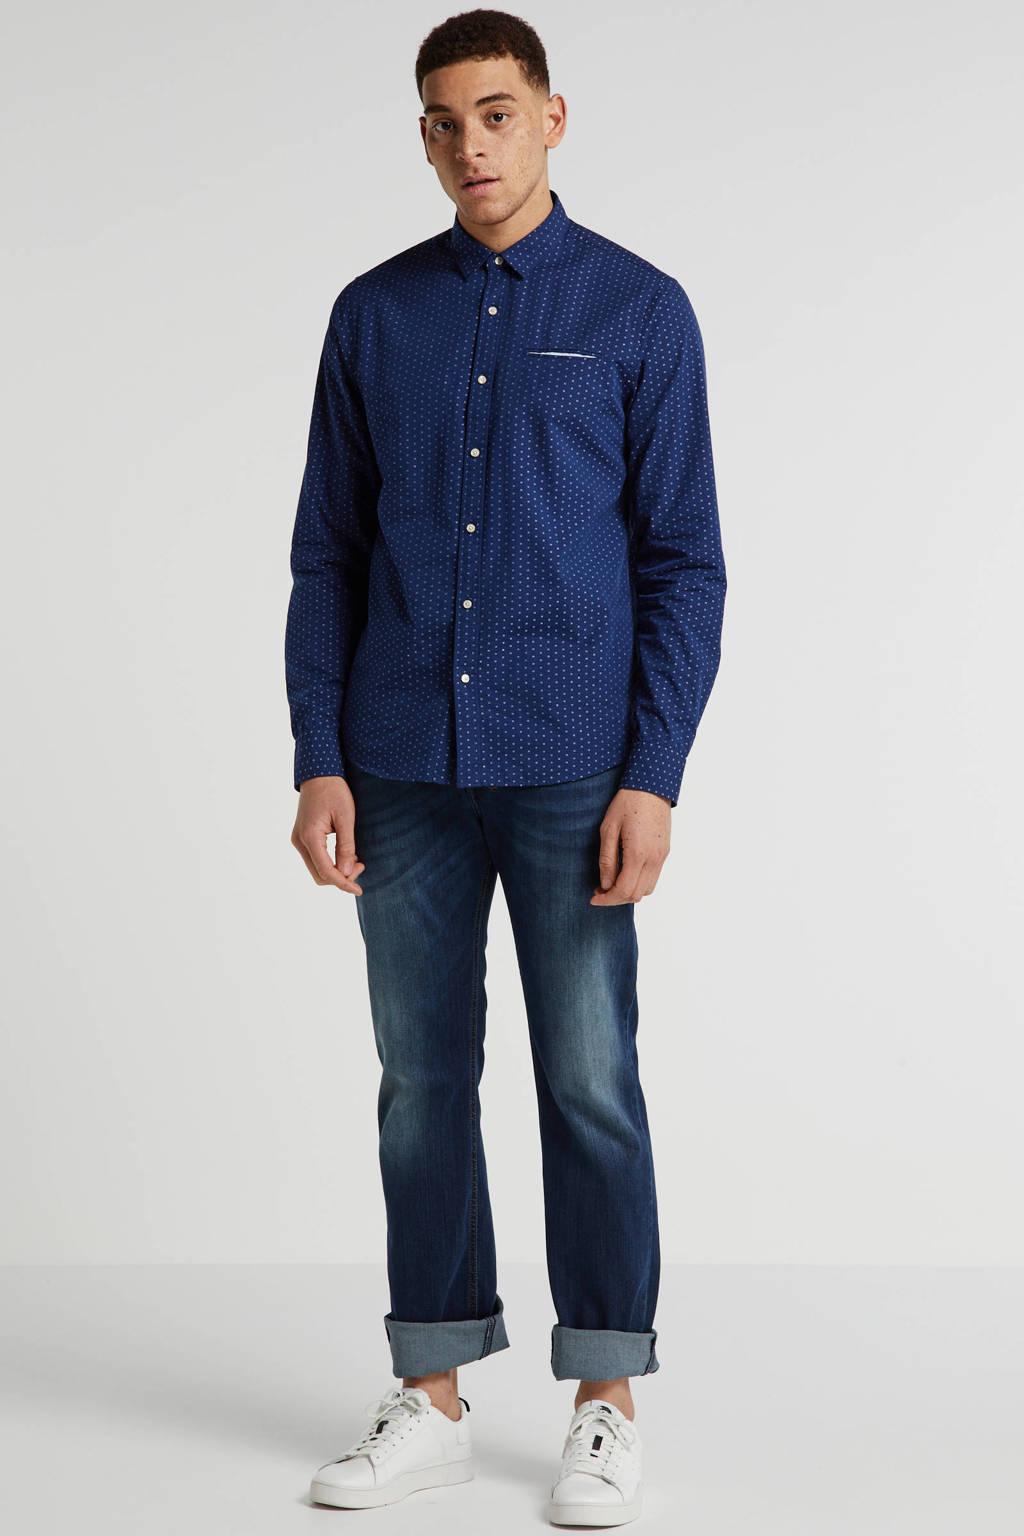 Diesel loose fit jeans dark denim, Dark denim